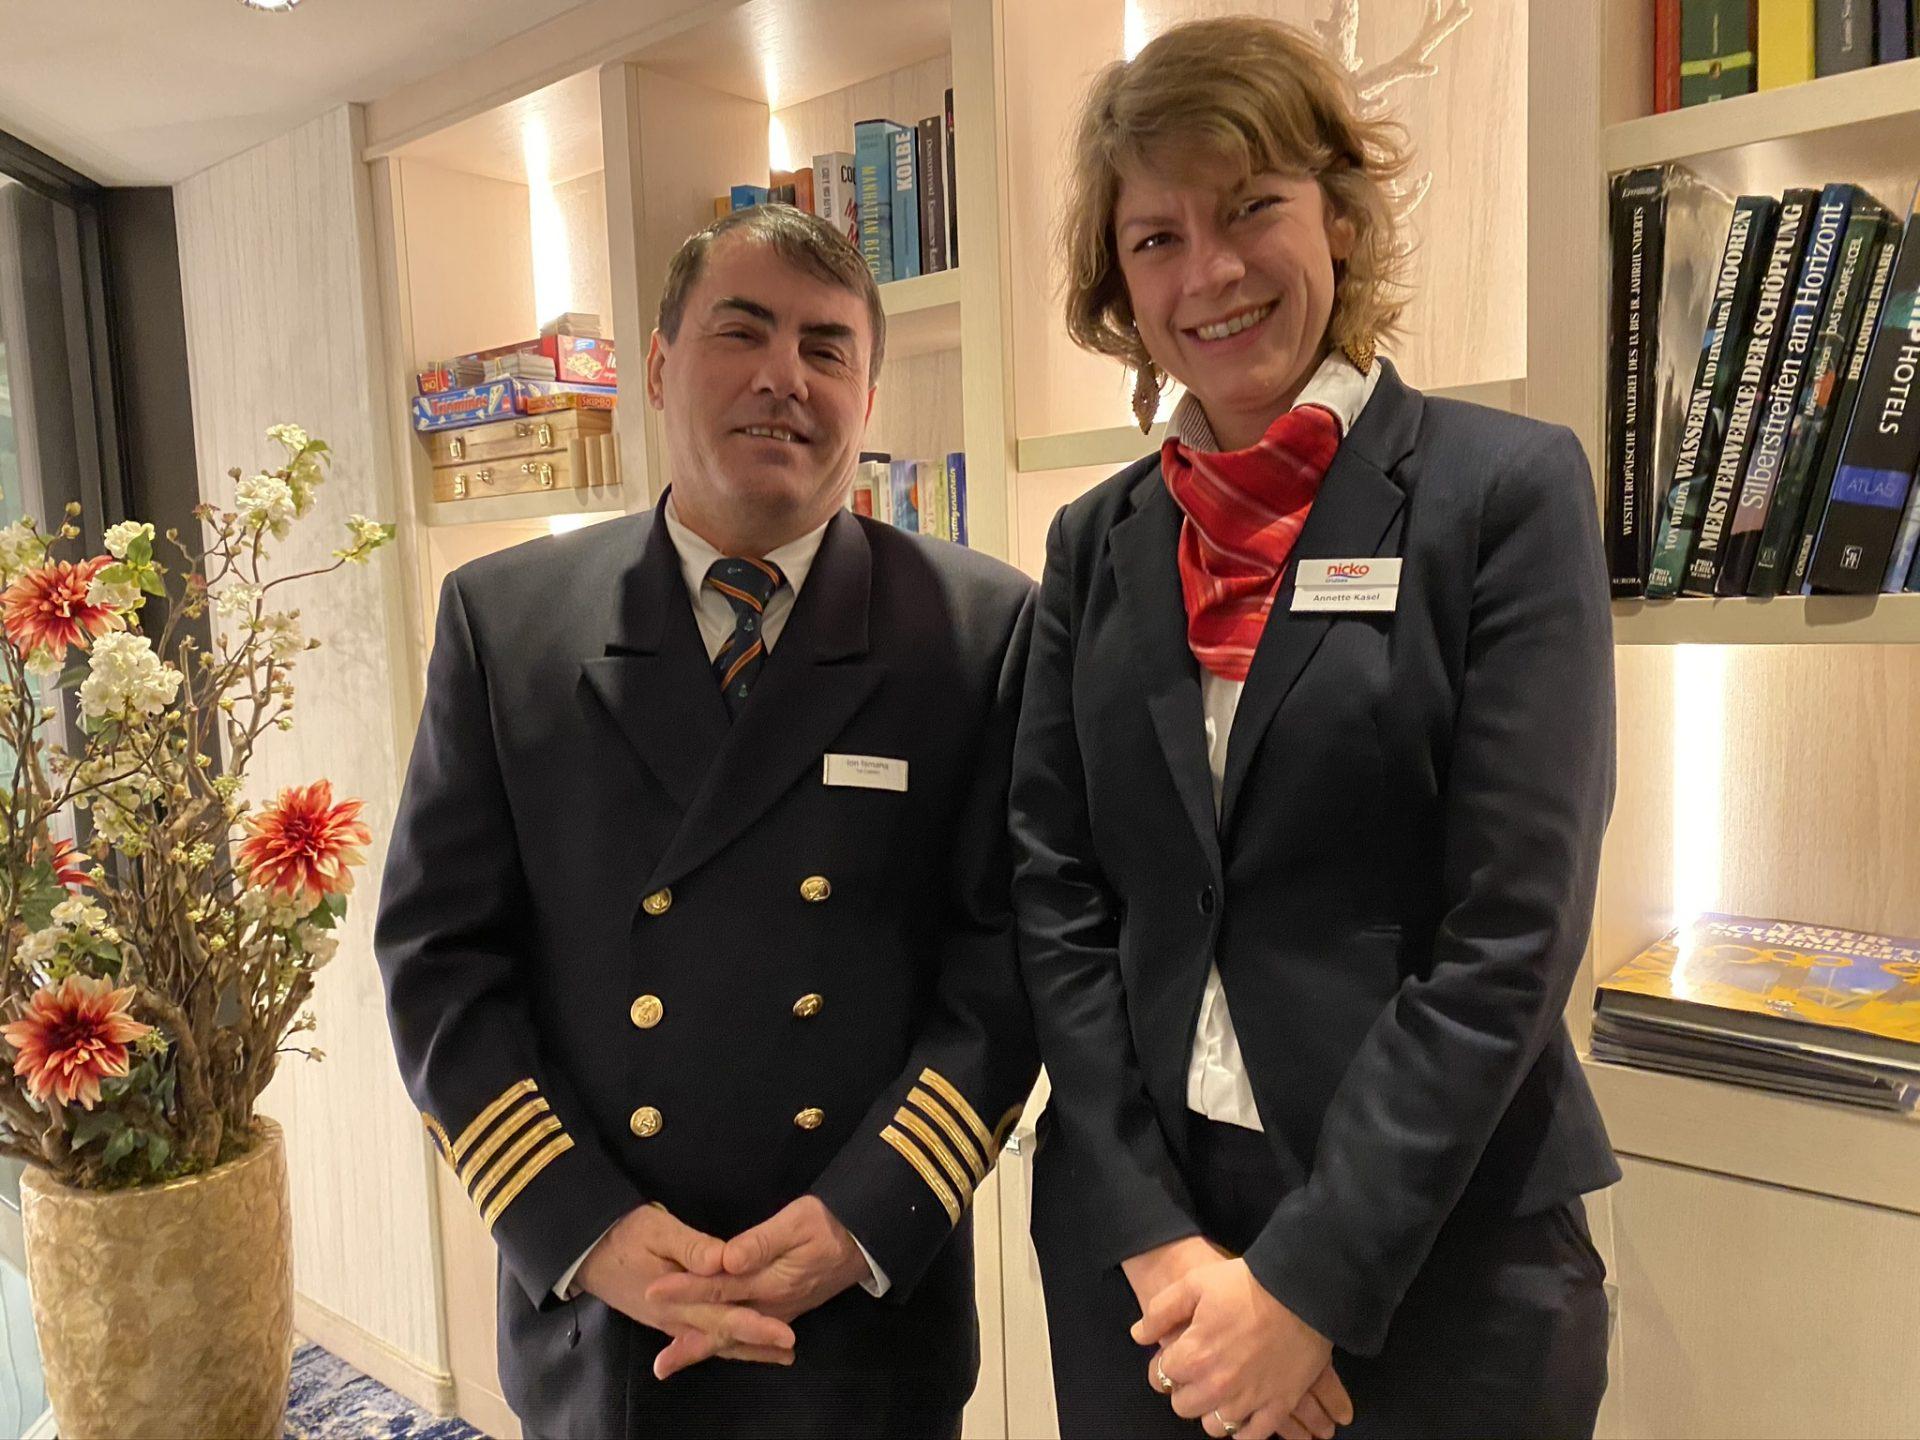 Kapitän und Kreuzfahrtleiterin auf der NickoVISION